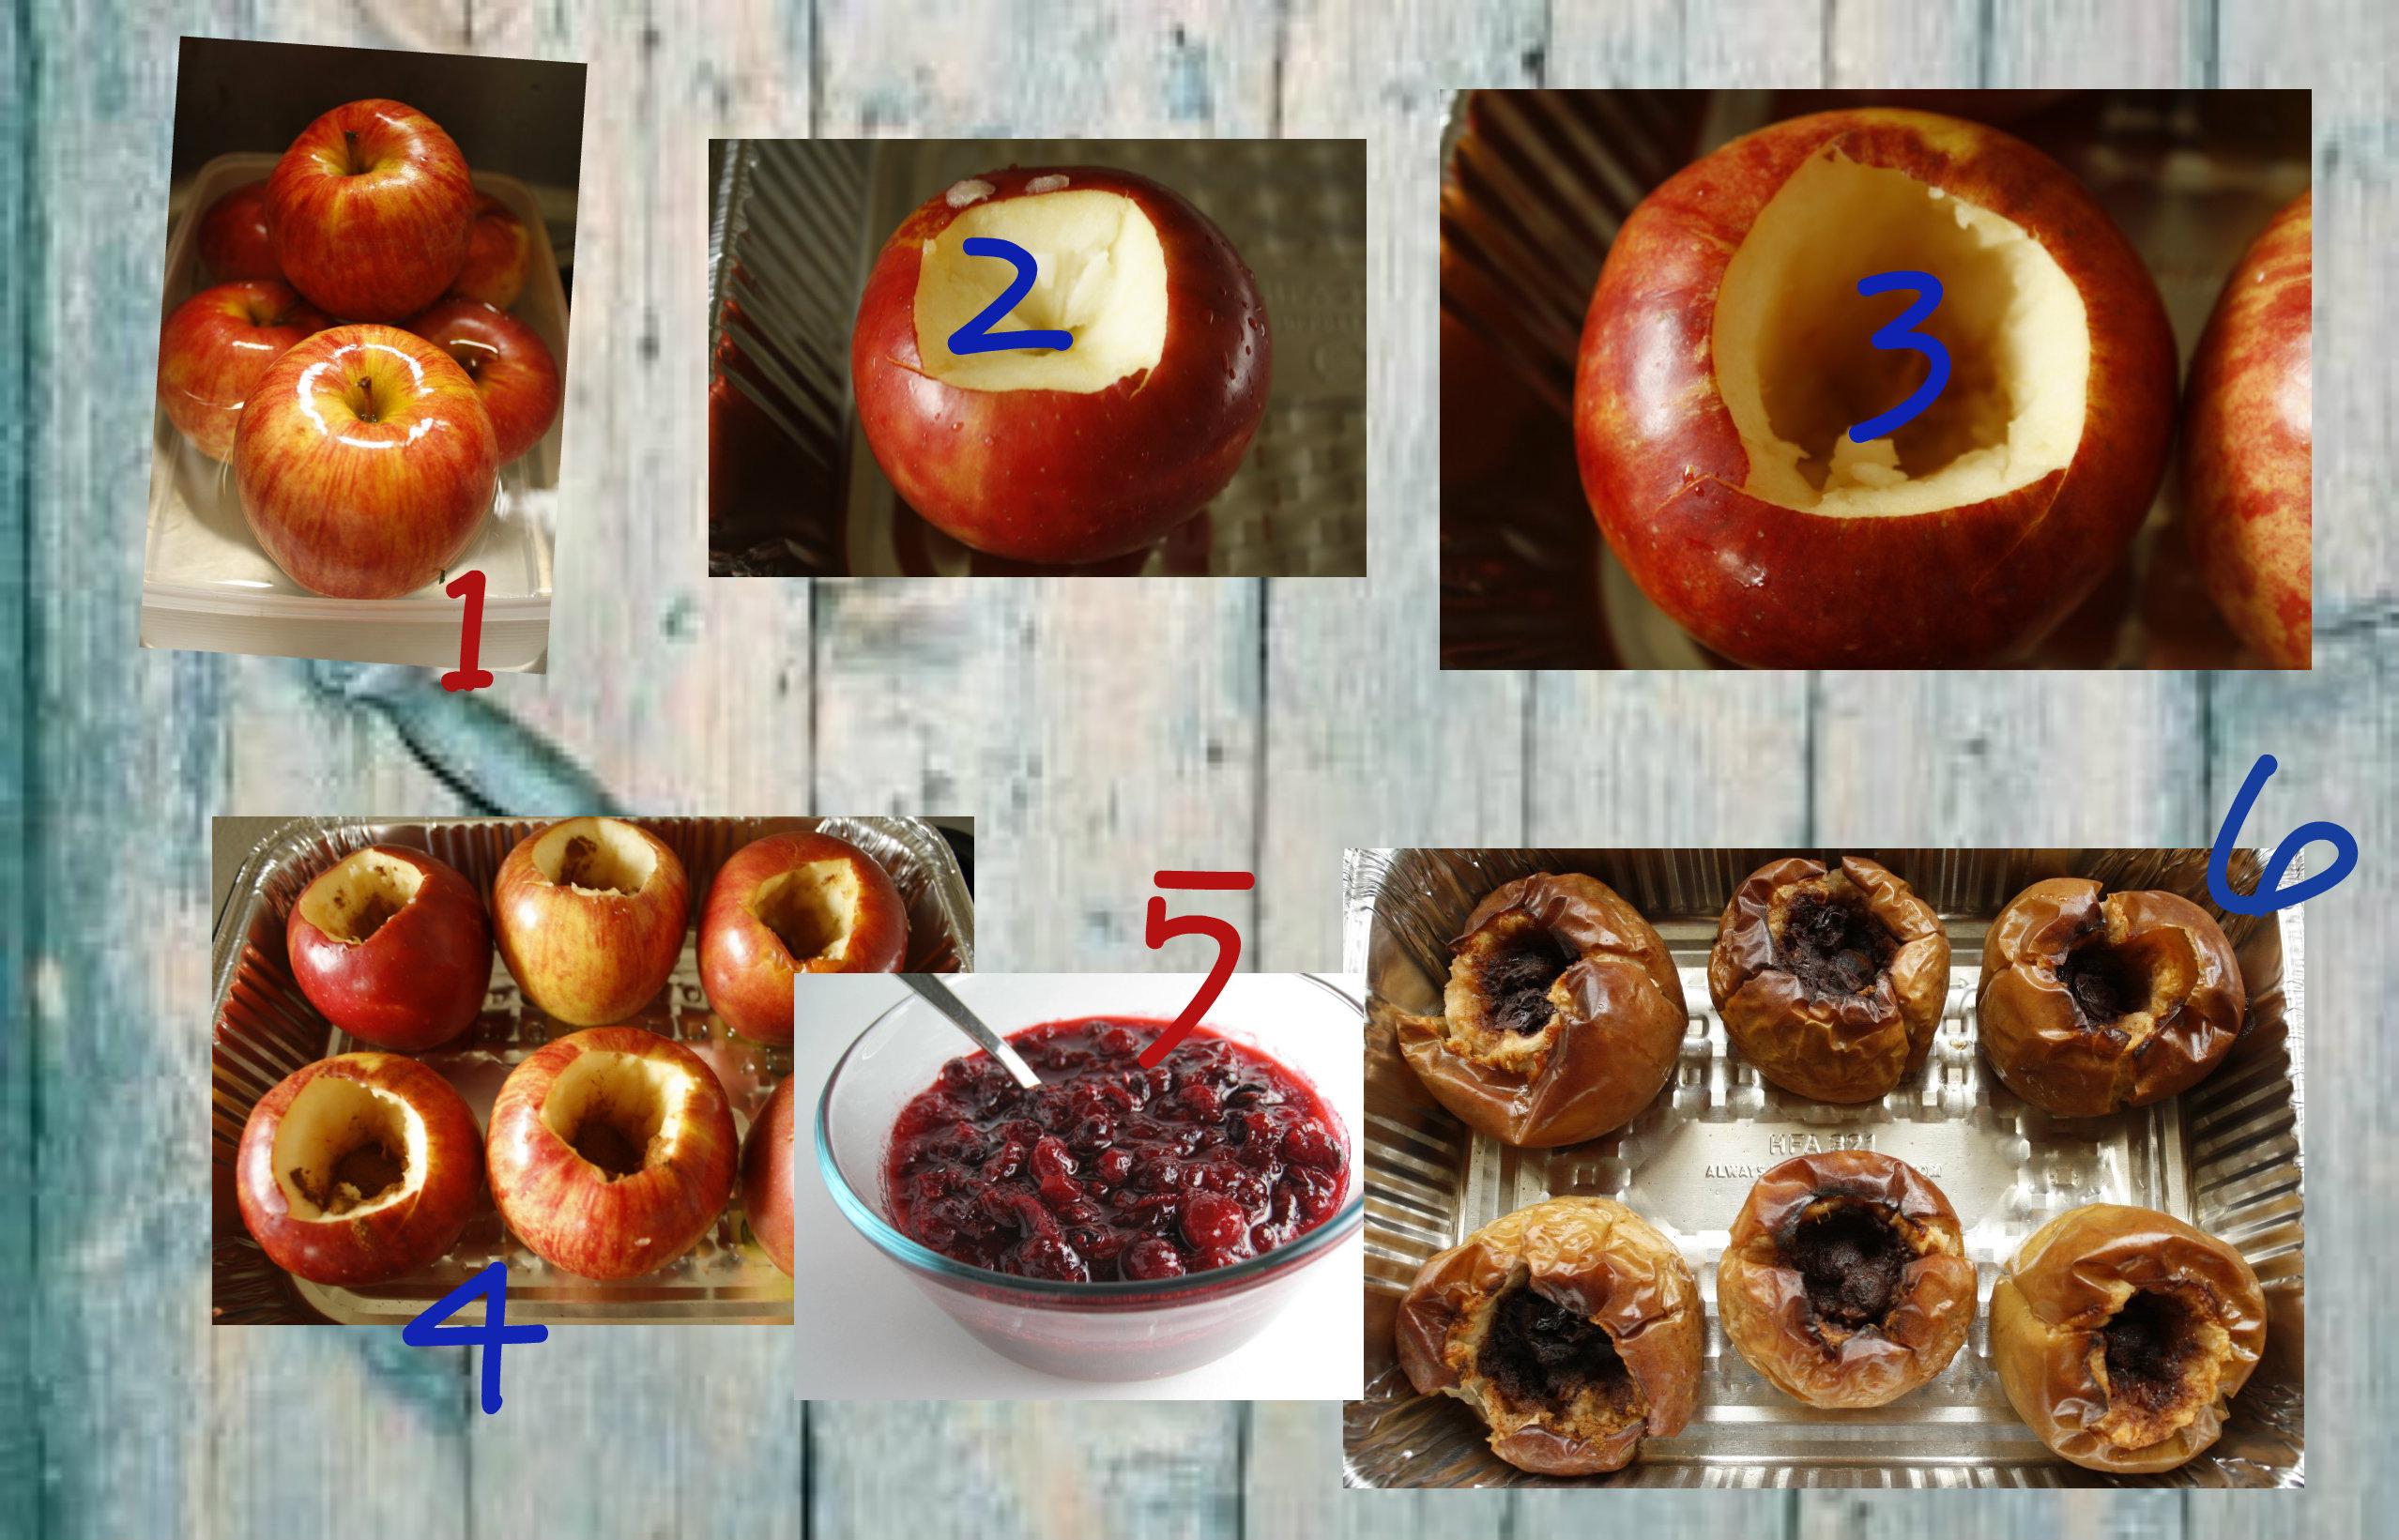 tło-tło Pieczone jabłka - Pyszna przekąska dla osób na diecie